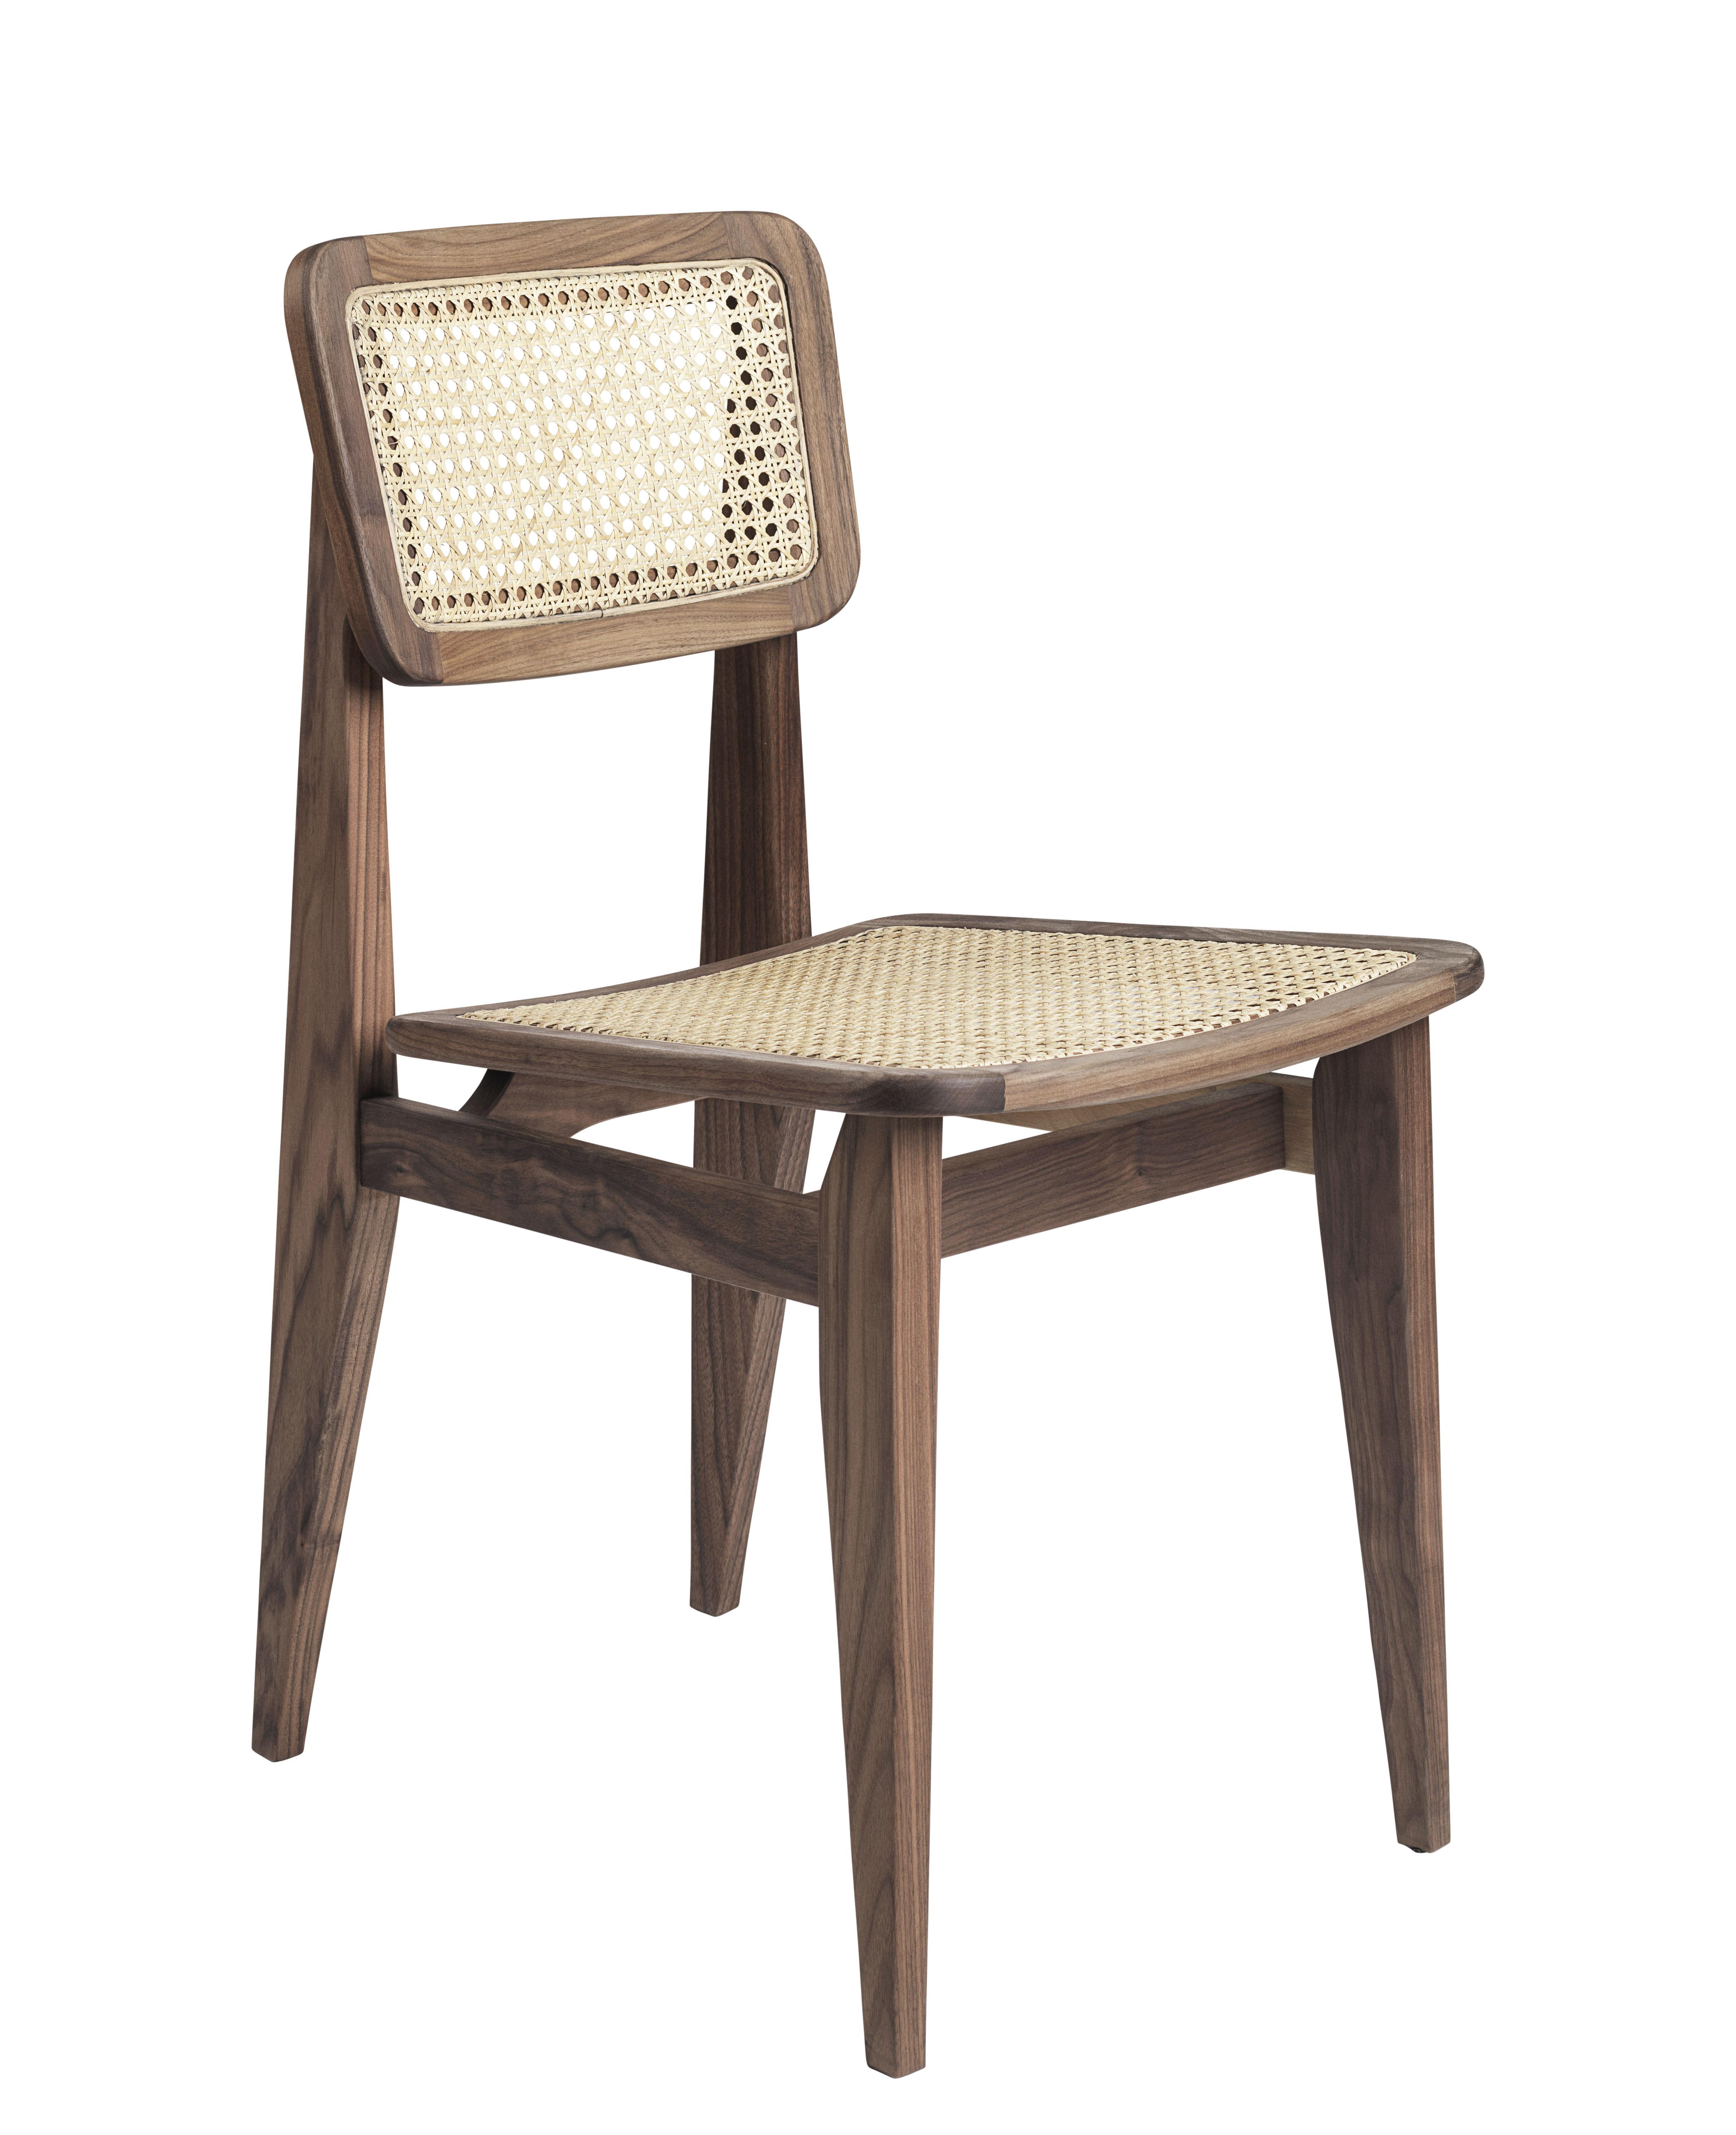 Möbel - Stühle  - C-Chair Stuhl / Rattangeflecht - Neuauflage des Originals aus dem Jahr 1947 - Gubi - Rattangeflecht natur / Nussbaum - Cannage de rotin, Nussbaum